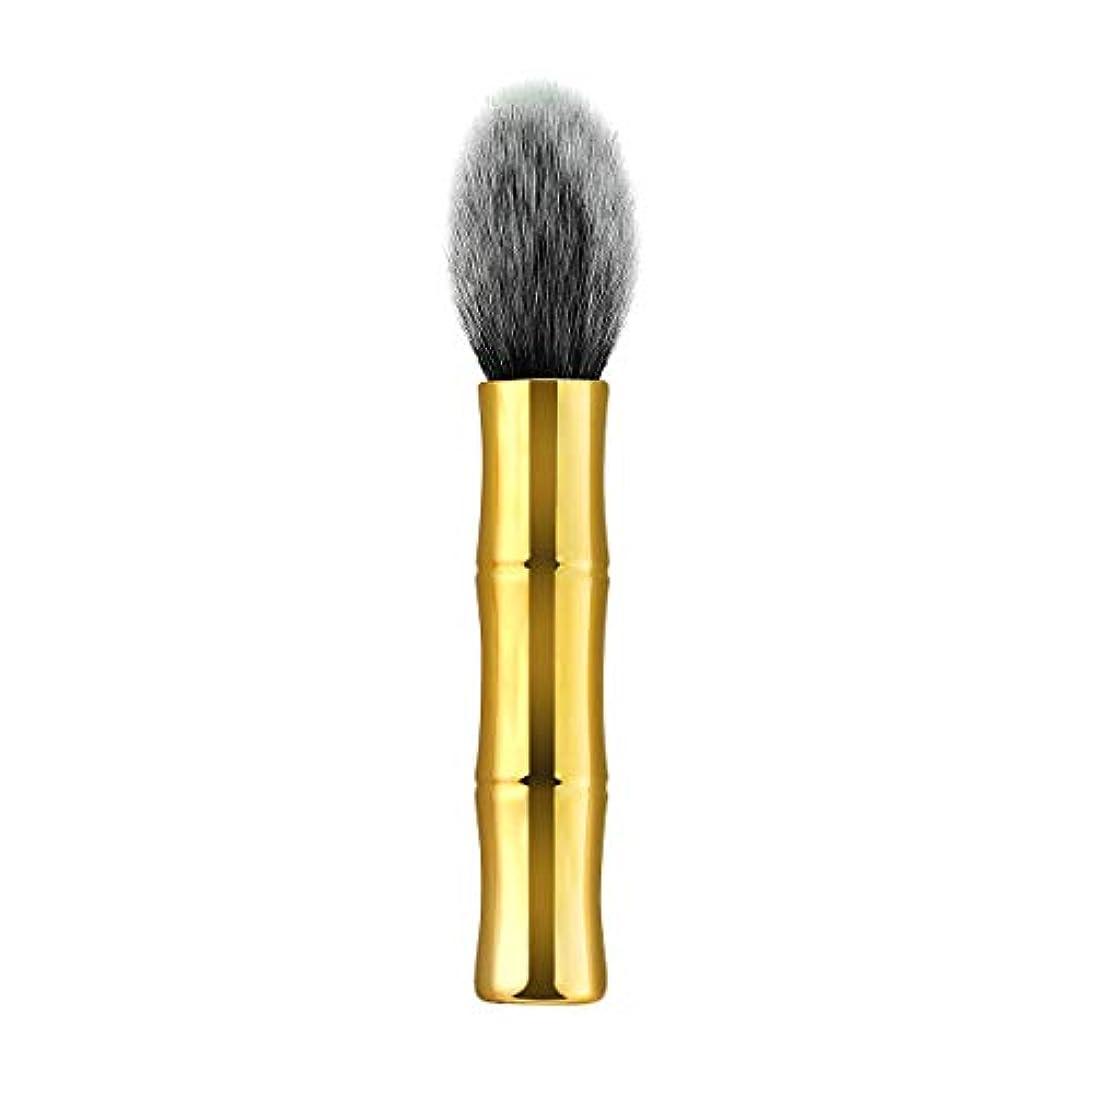 靴下貧困ライトニングLurrose 女性のためのソフトナイロン剛毛化粧ブラシ化粧品パウダーブラッシュブラシ(TM-104)を処理します。